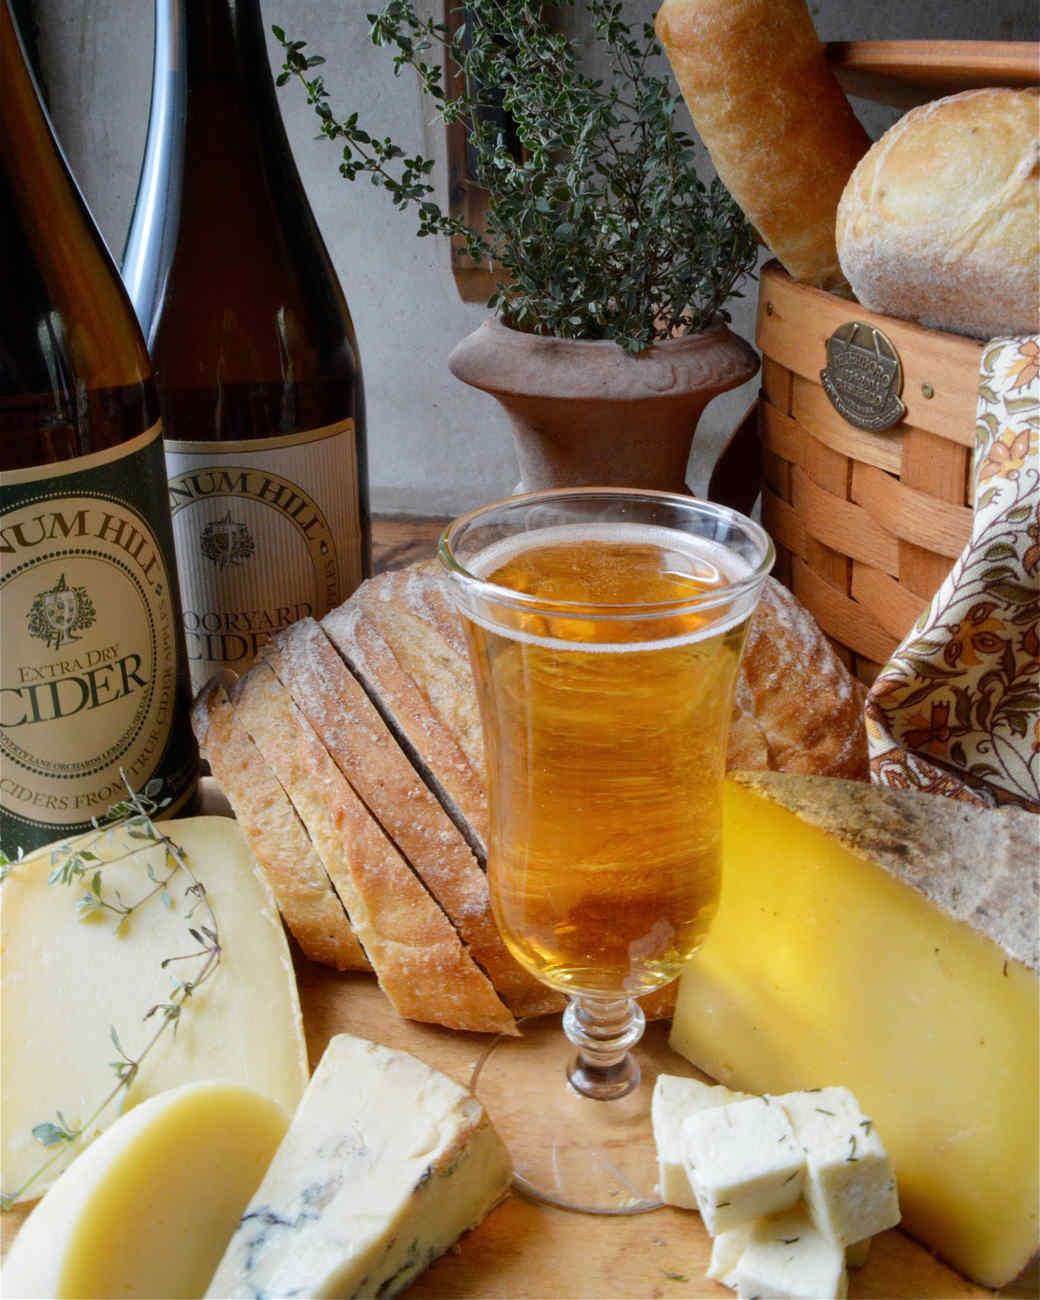 farnum-cider-cheese-tm-1114.jpg